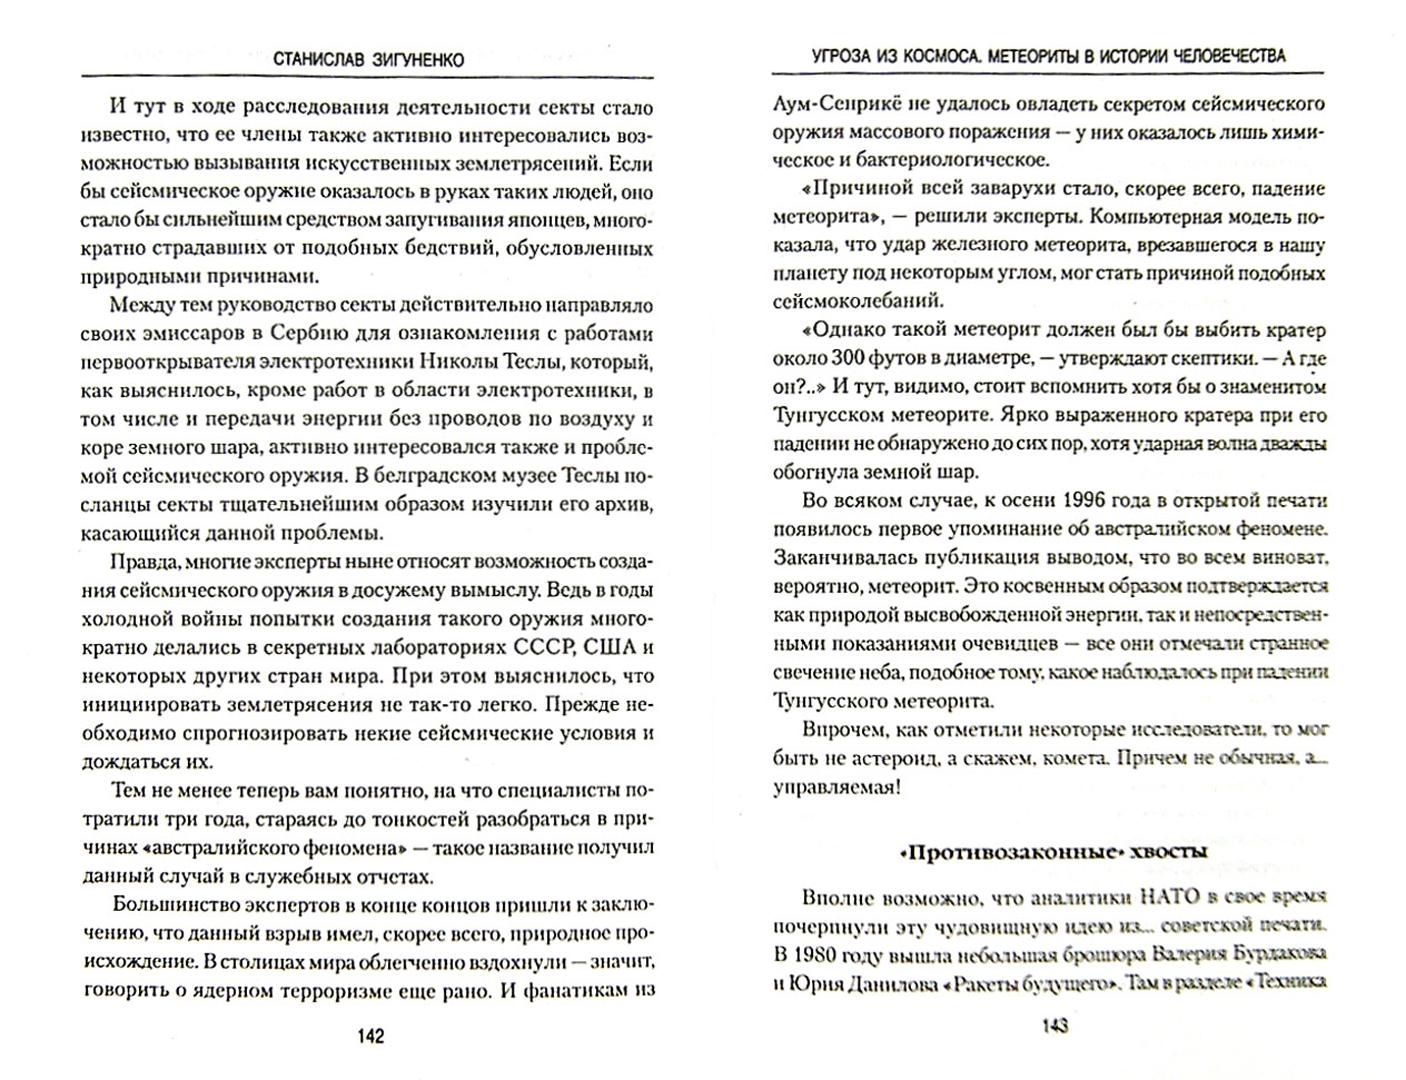 Иллюстрация 1 из 8 для Угроза из космоса. Метеориты в истории человечества - Станислав Зигуненко | Лабиринт - книги. Источник: Лабиринт